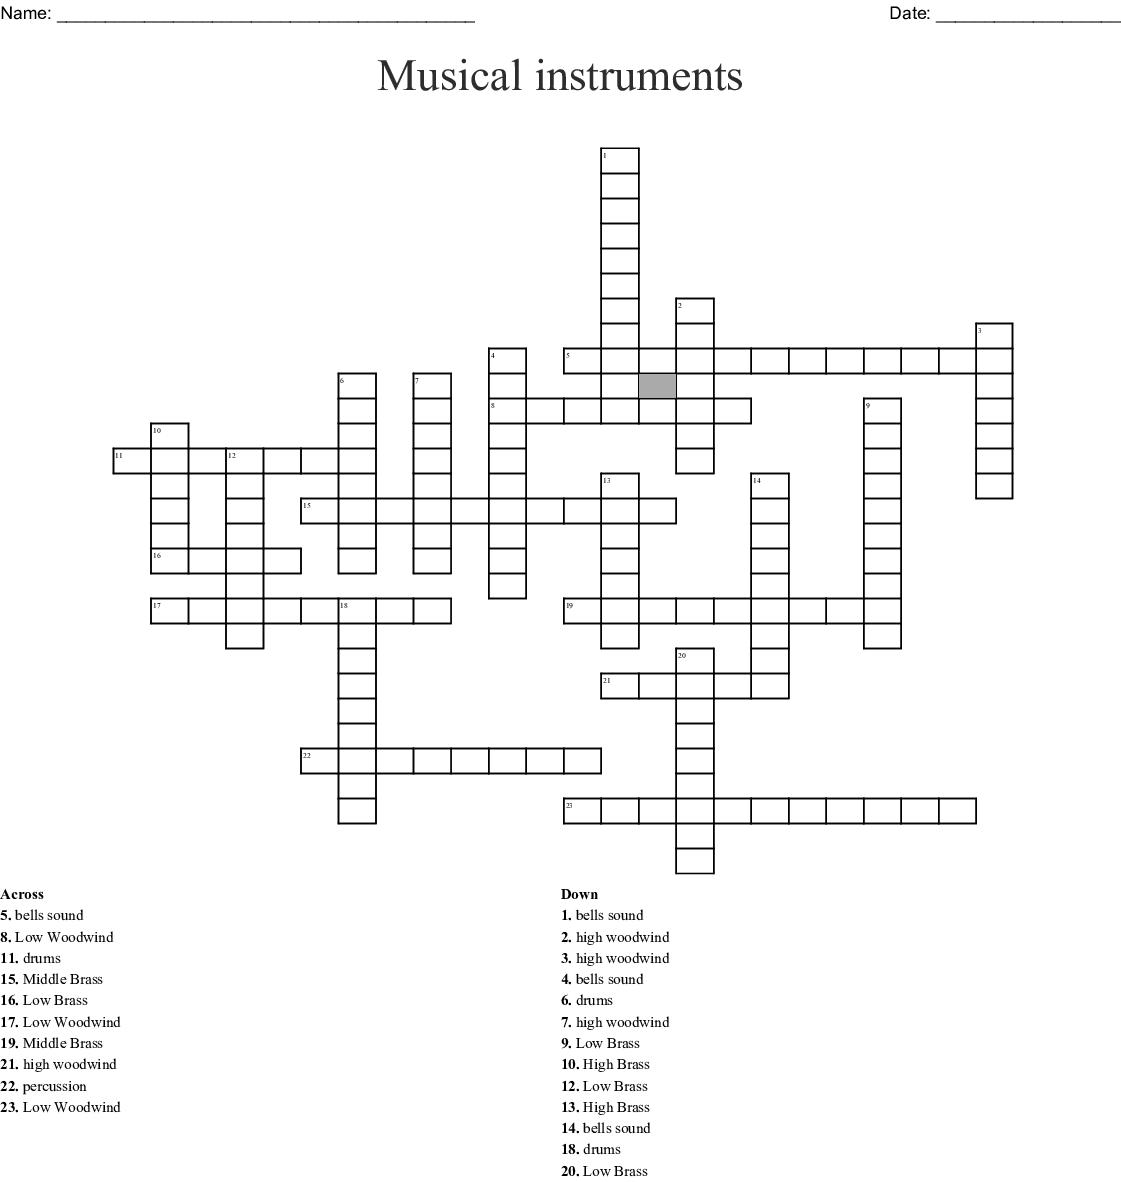 Musical instruments Crossword - WordMint